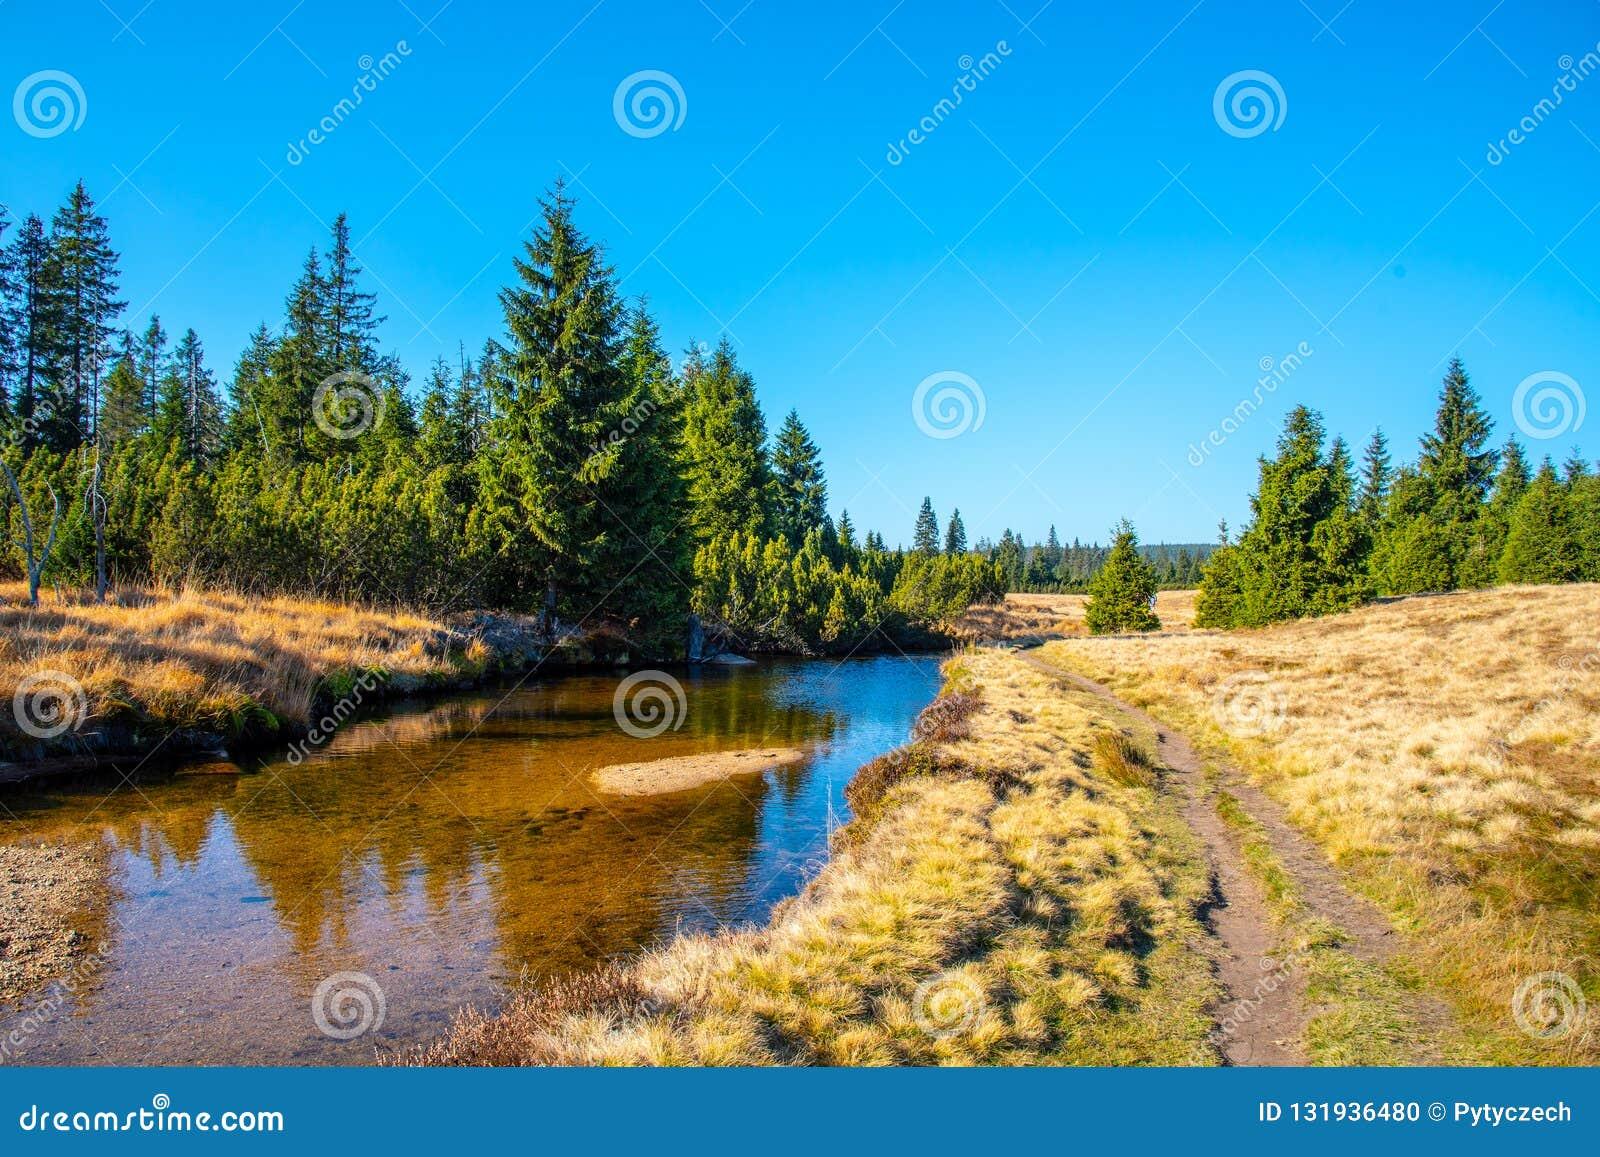 Piccola insenatura della montagna che serpeggia verso la metà dei prati e del giorno soleggiato della foresta con cielo blu e le